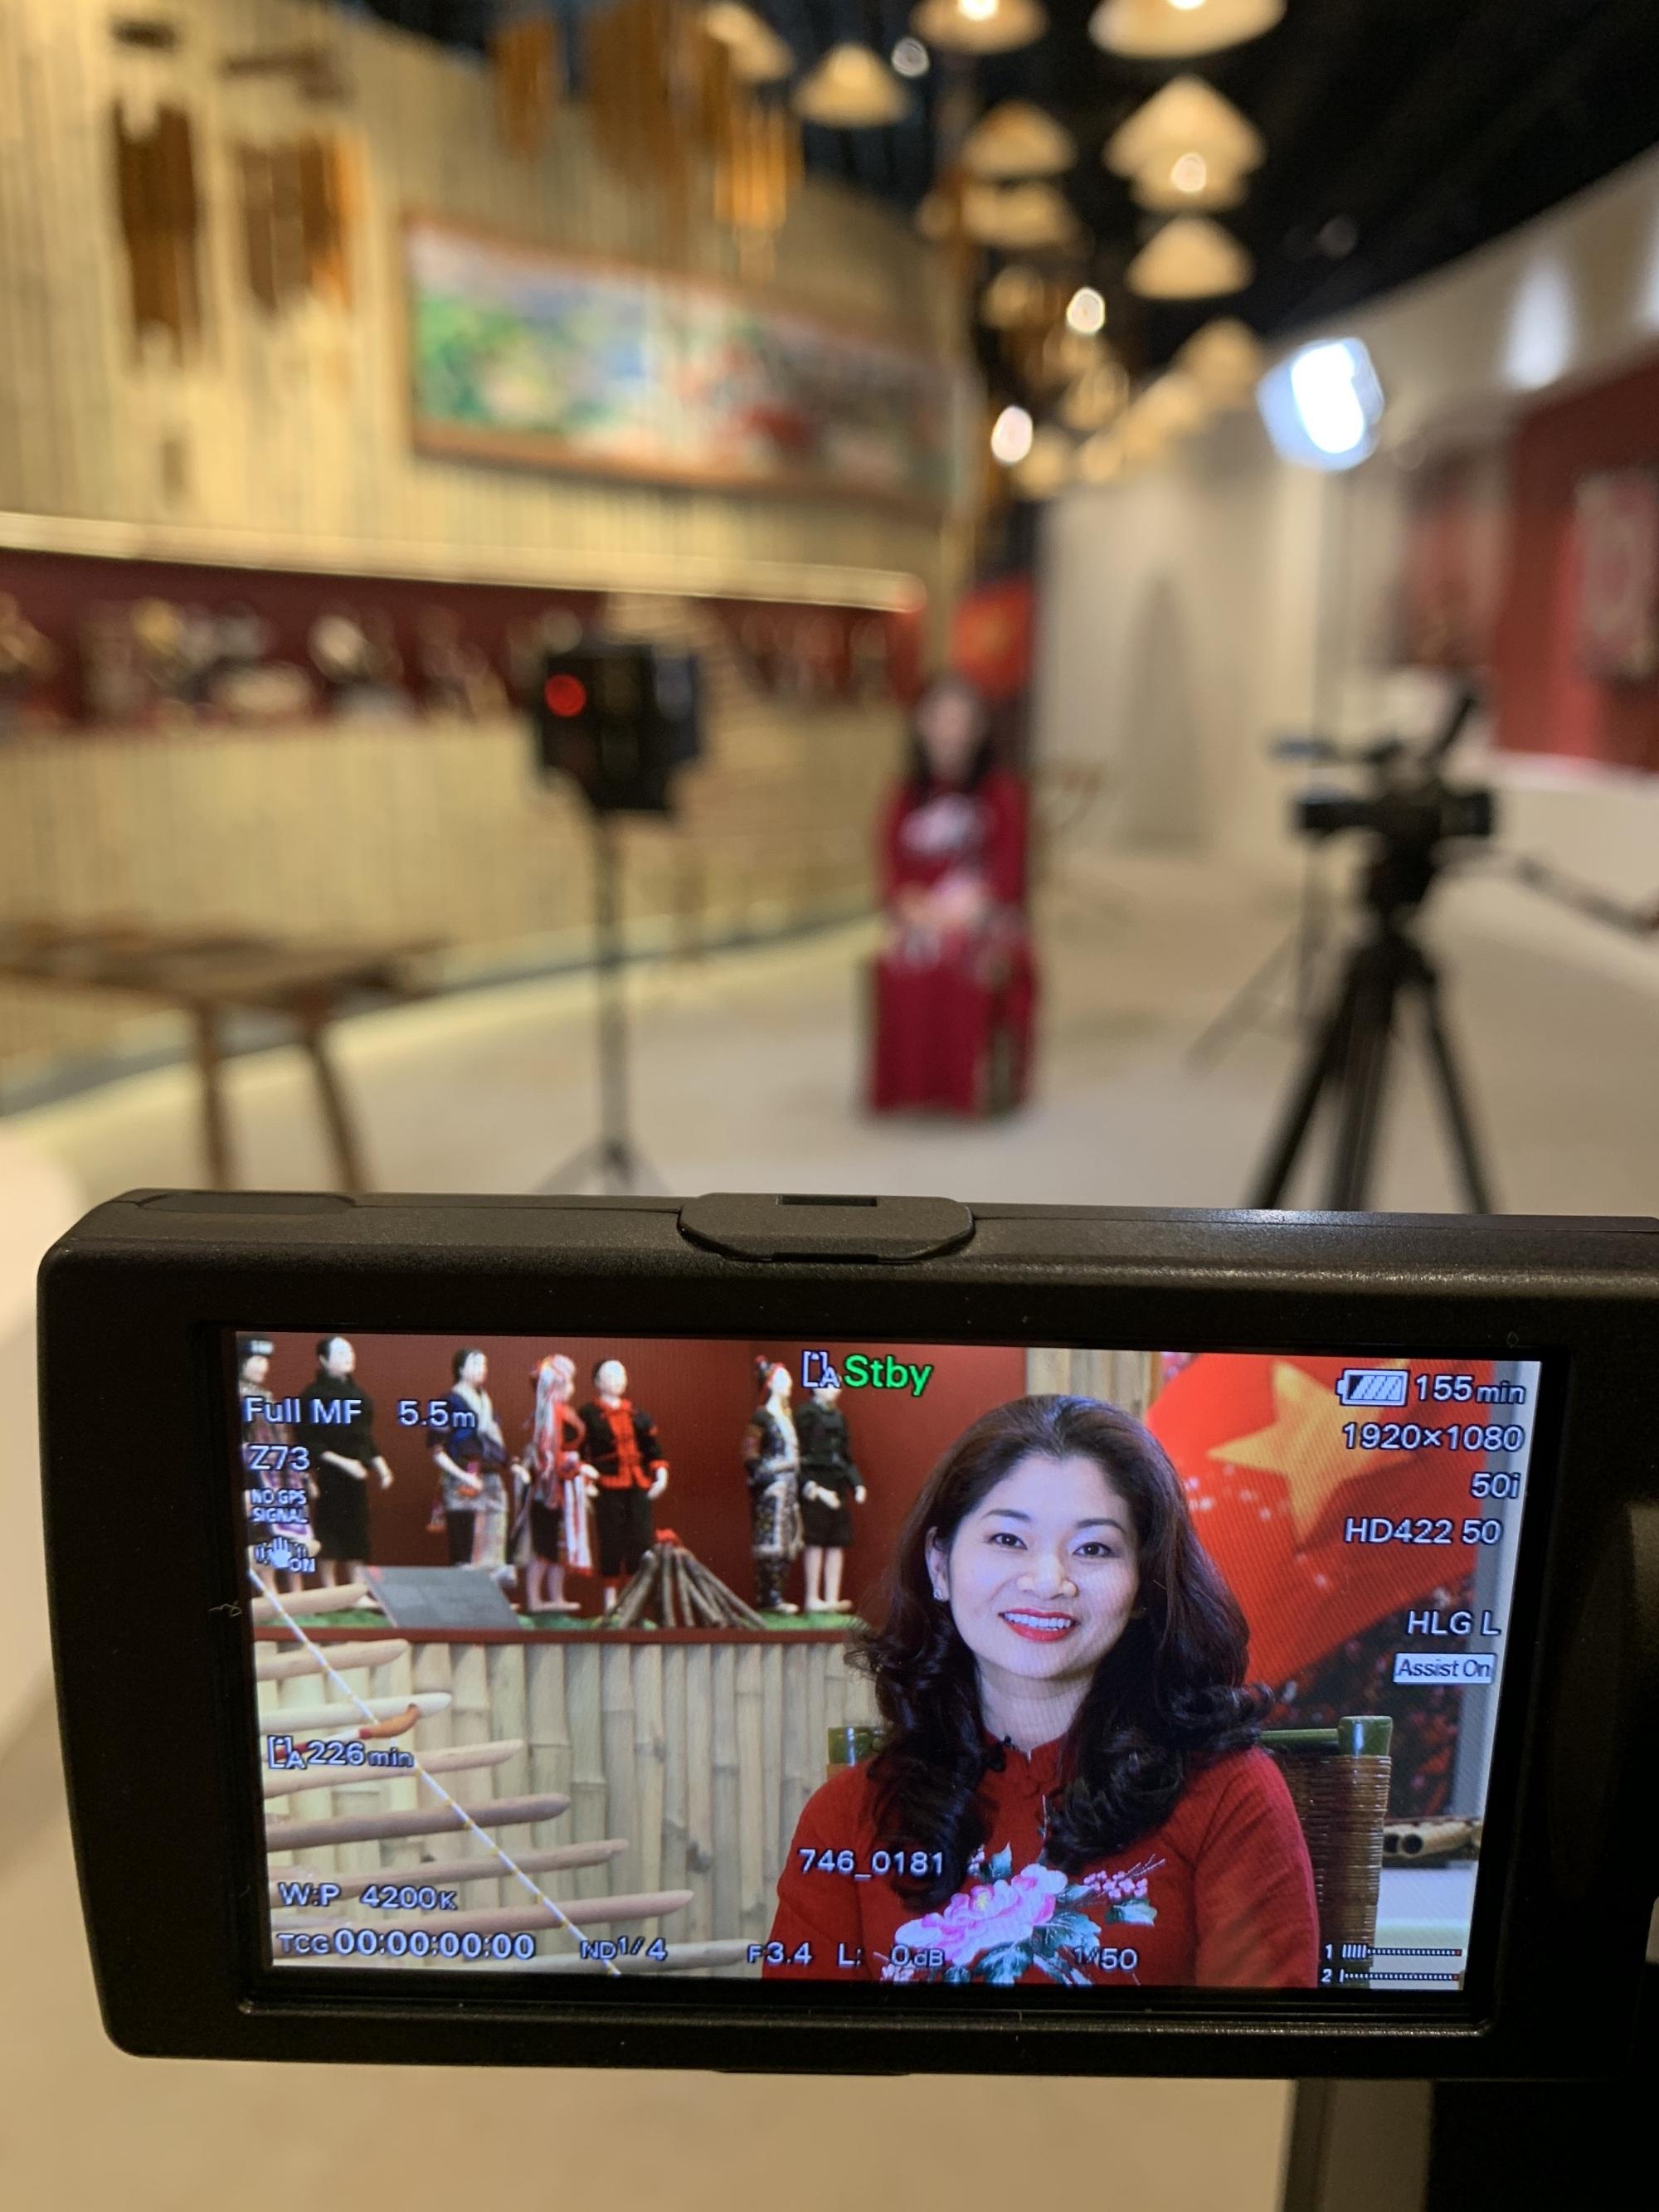 EXPO 2020 Dubai: Cơ hội khẳng định vị thế Việt Nam trên trường quốc tế - 5